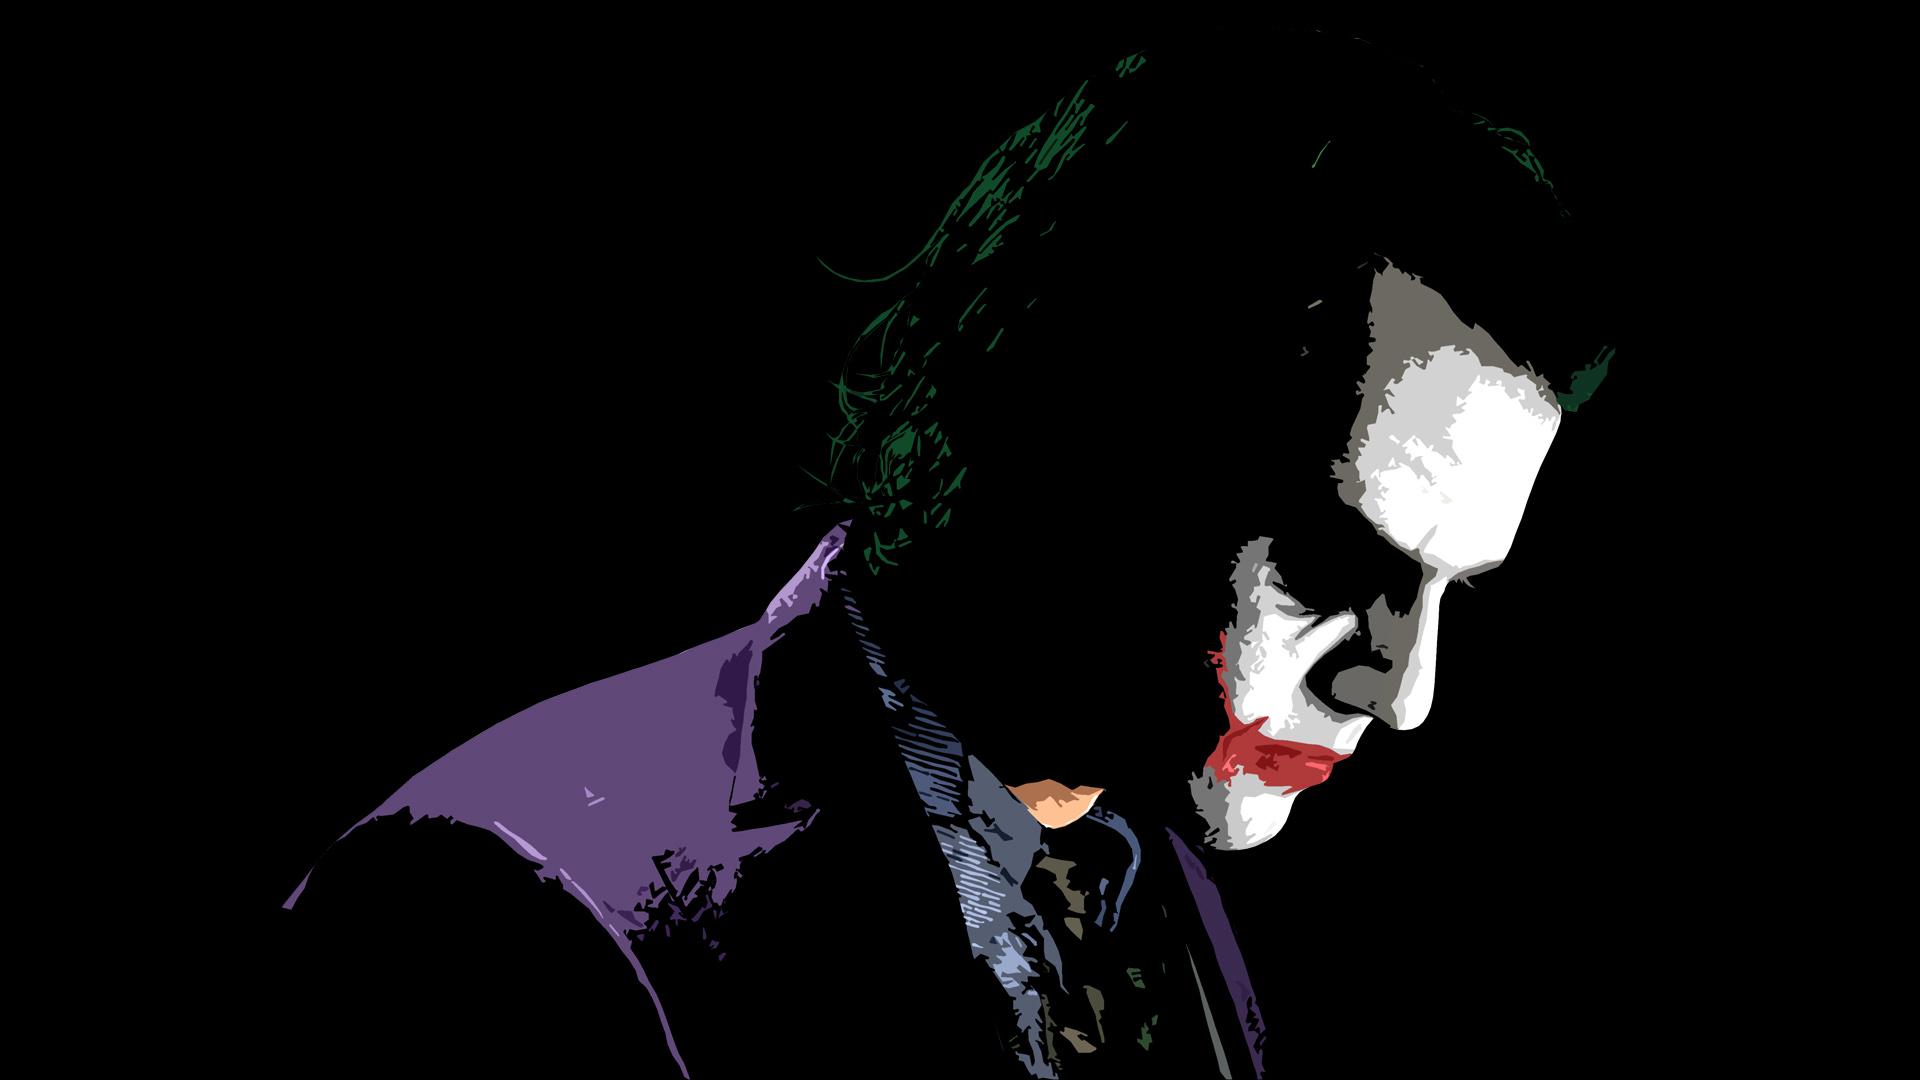 The Joker 1920x1080